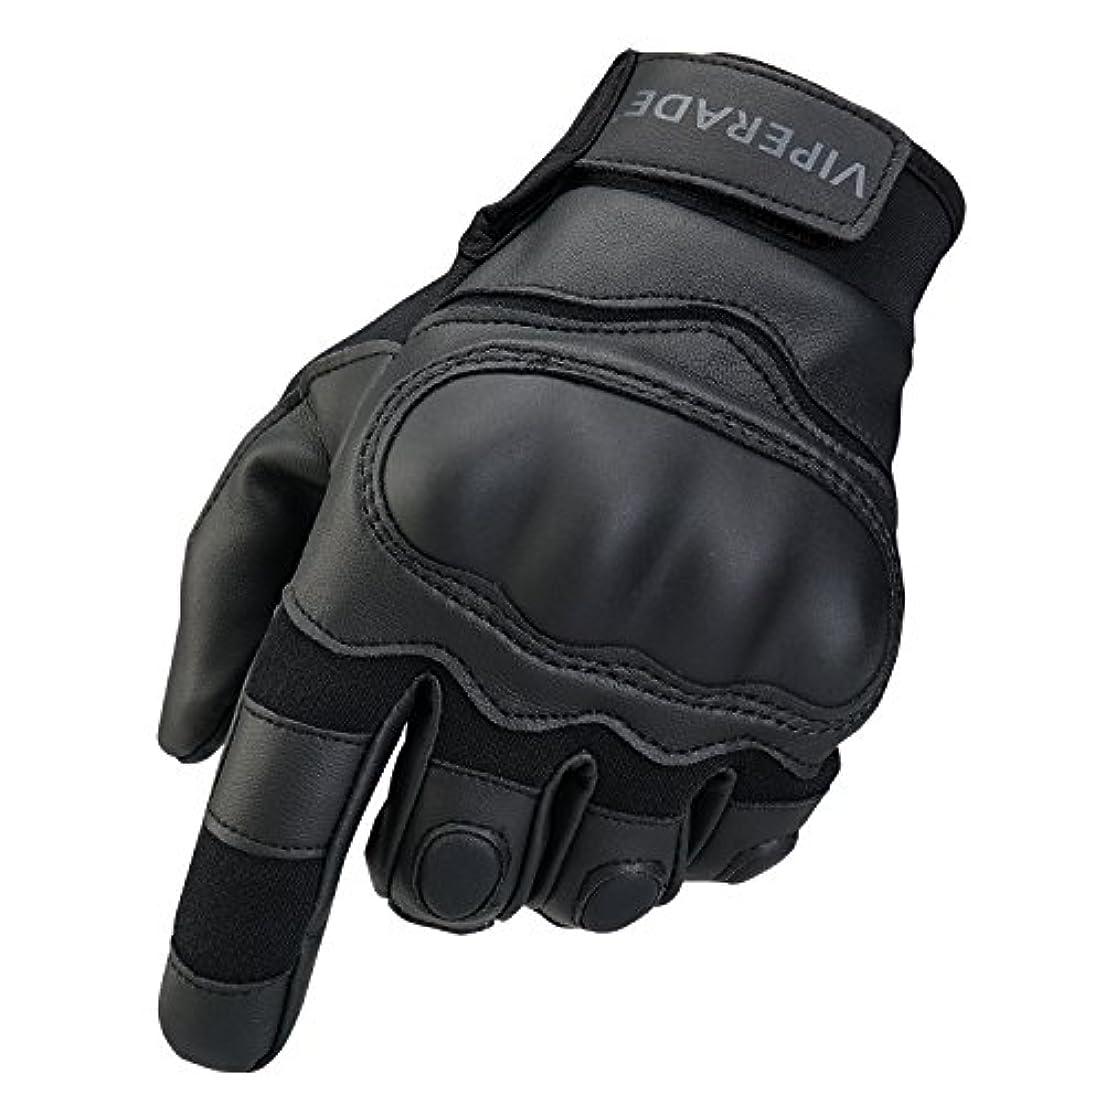 ピッチ有害の間にVIPERADEサイクリング手袋、屋外用防風オートバイ用手袋、戦術用手袋、ミリタリーグローブ、自転車オートバイクライミンググローブ、安全で 手袋、ミリタリーラバーハードナックルアウトドアグローブ